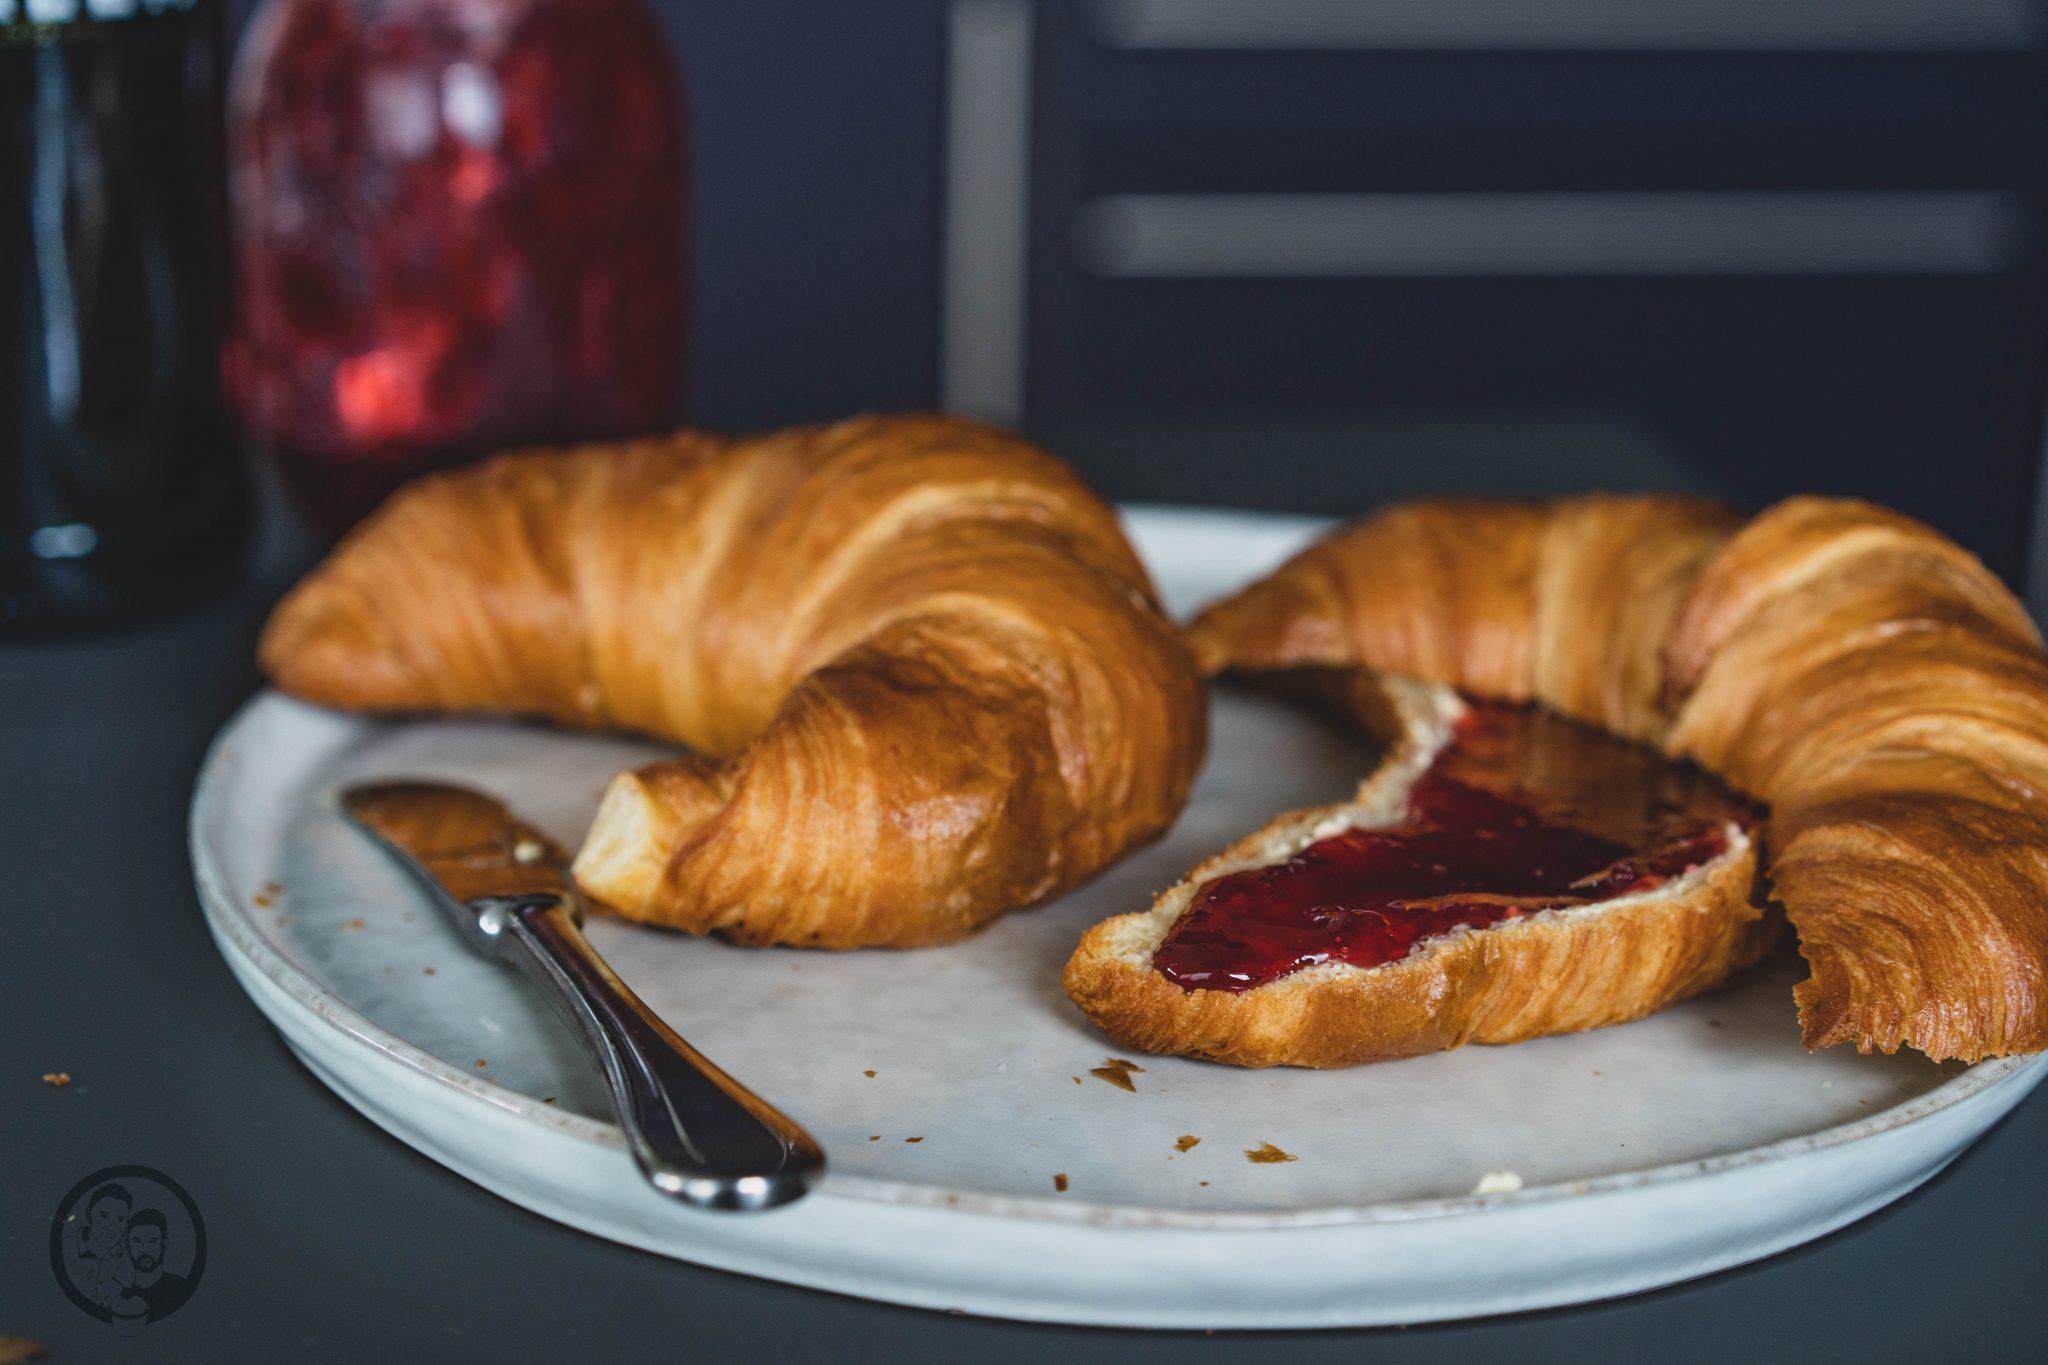 Kirschkonfitüre auf Croissant